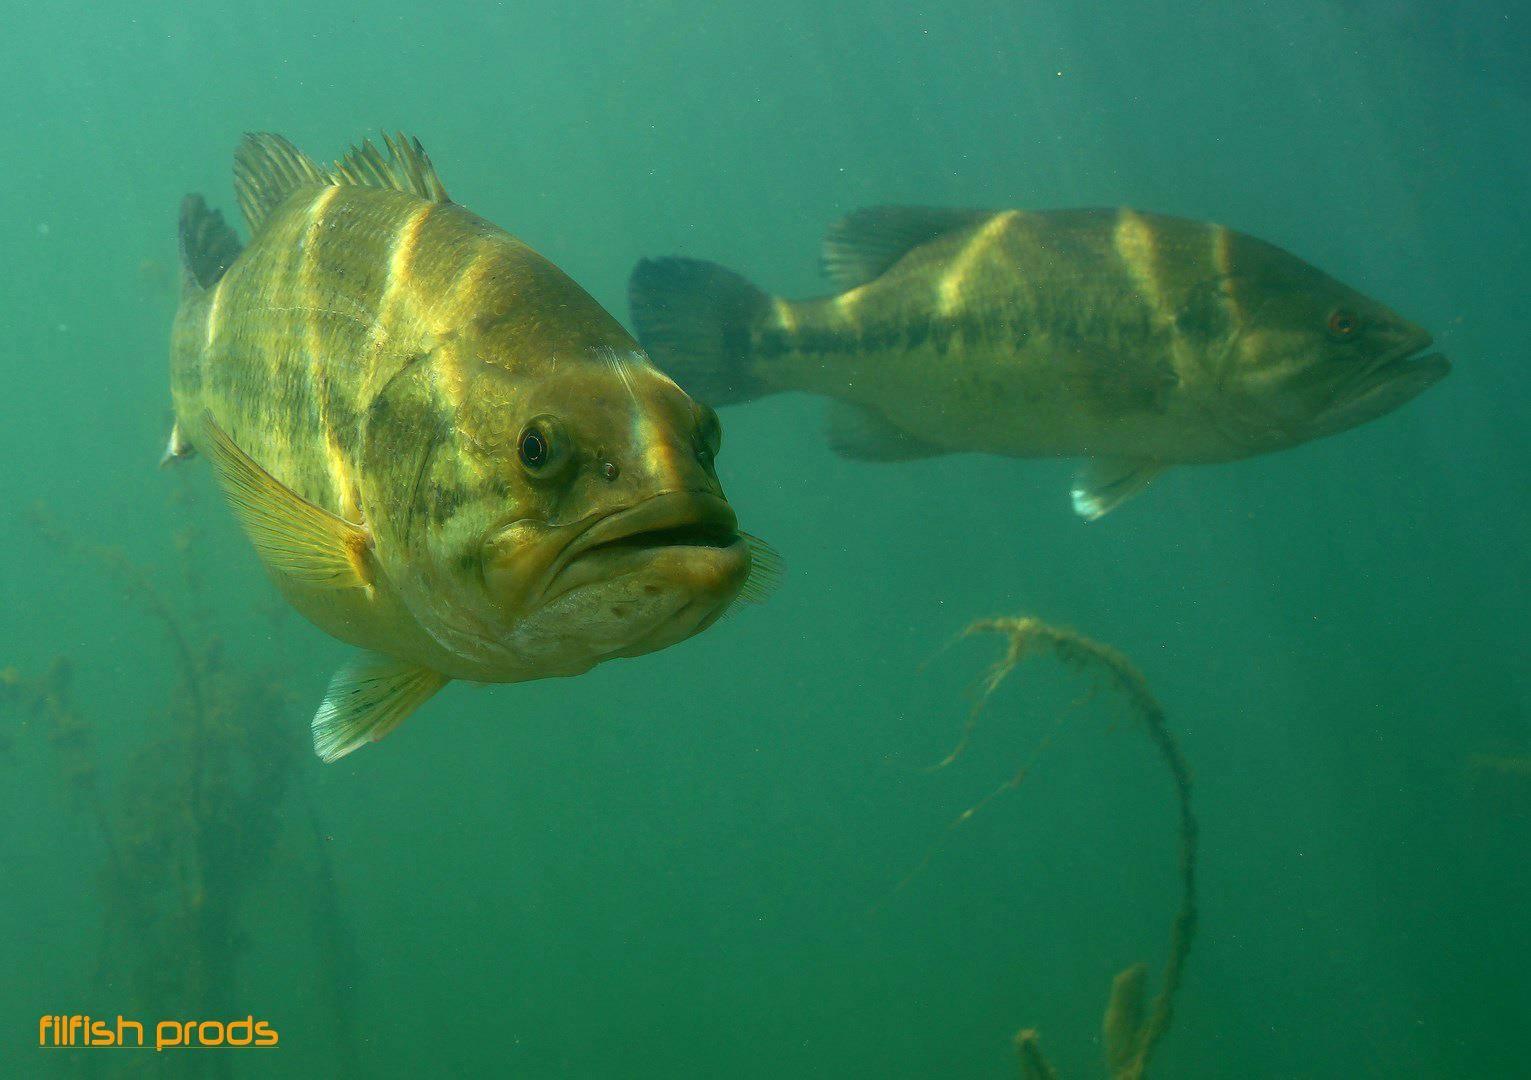 Image de black bass, un poisson réputé pour ses combats !